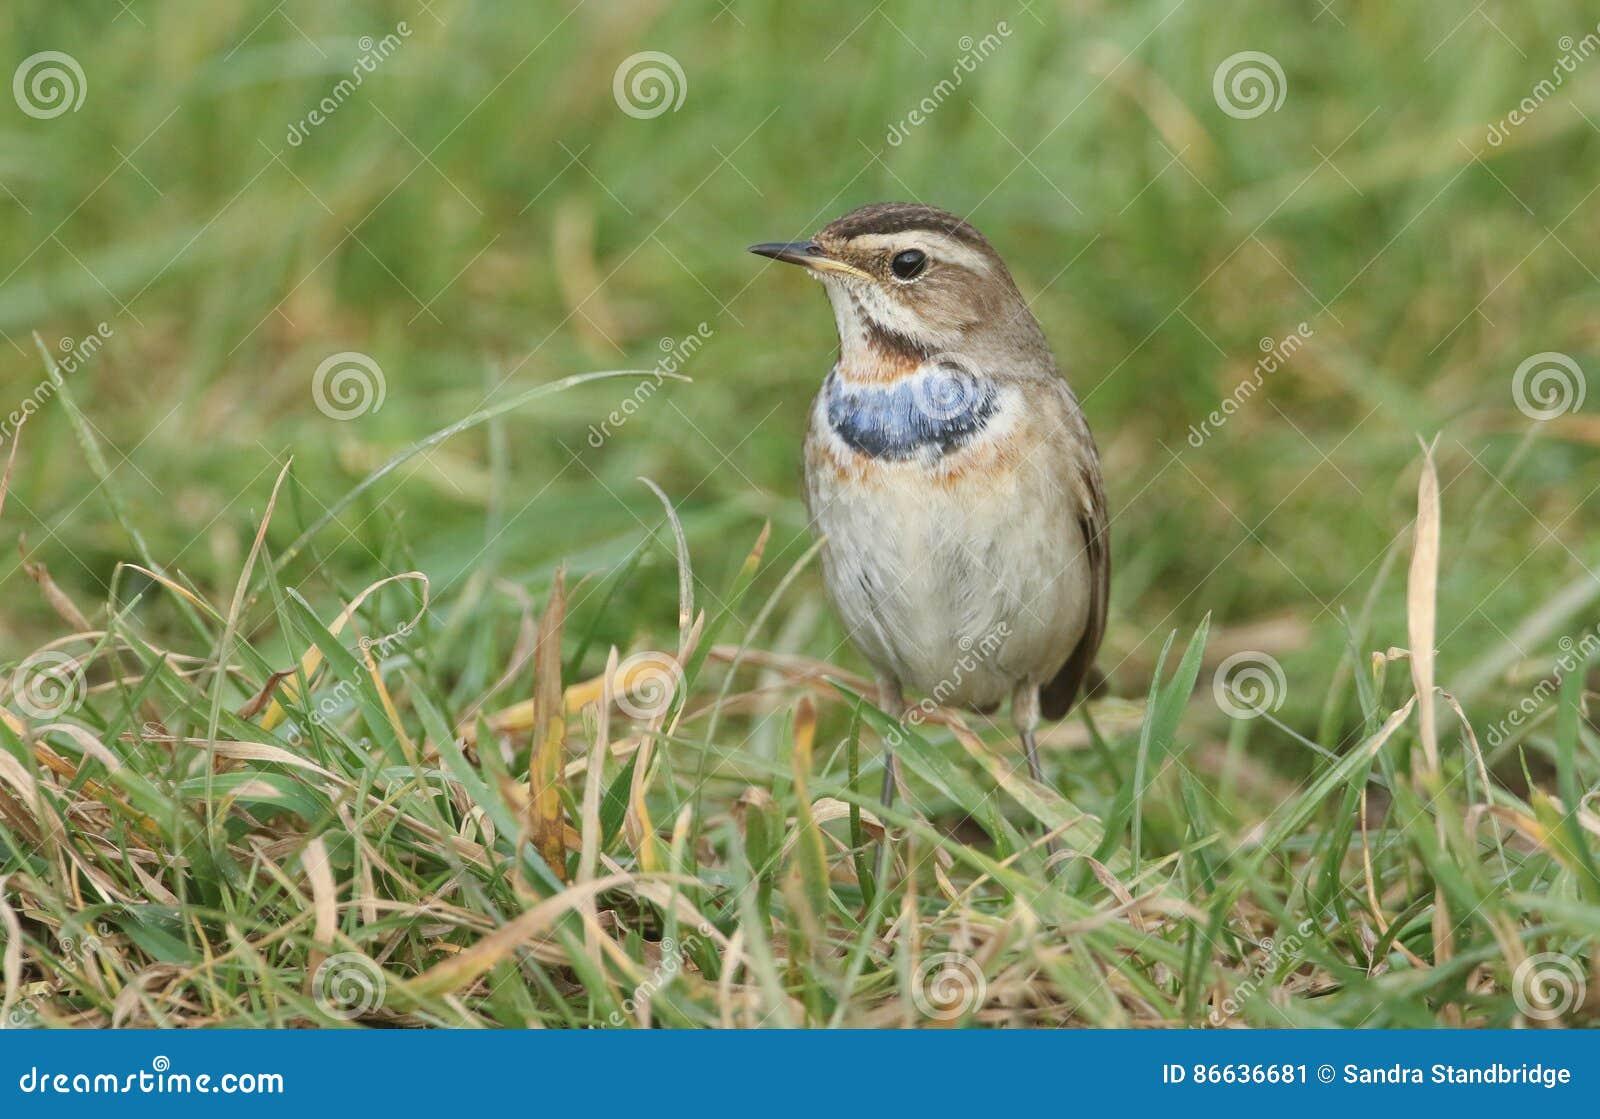 一惊人的罕见的公蓝点颏, Luscinia svecica,搜寻在草的食物